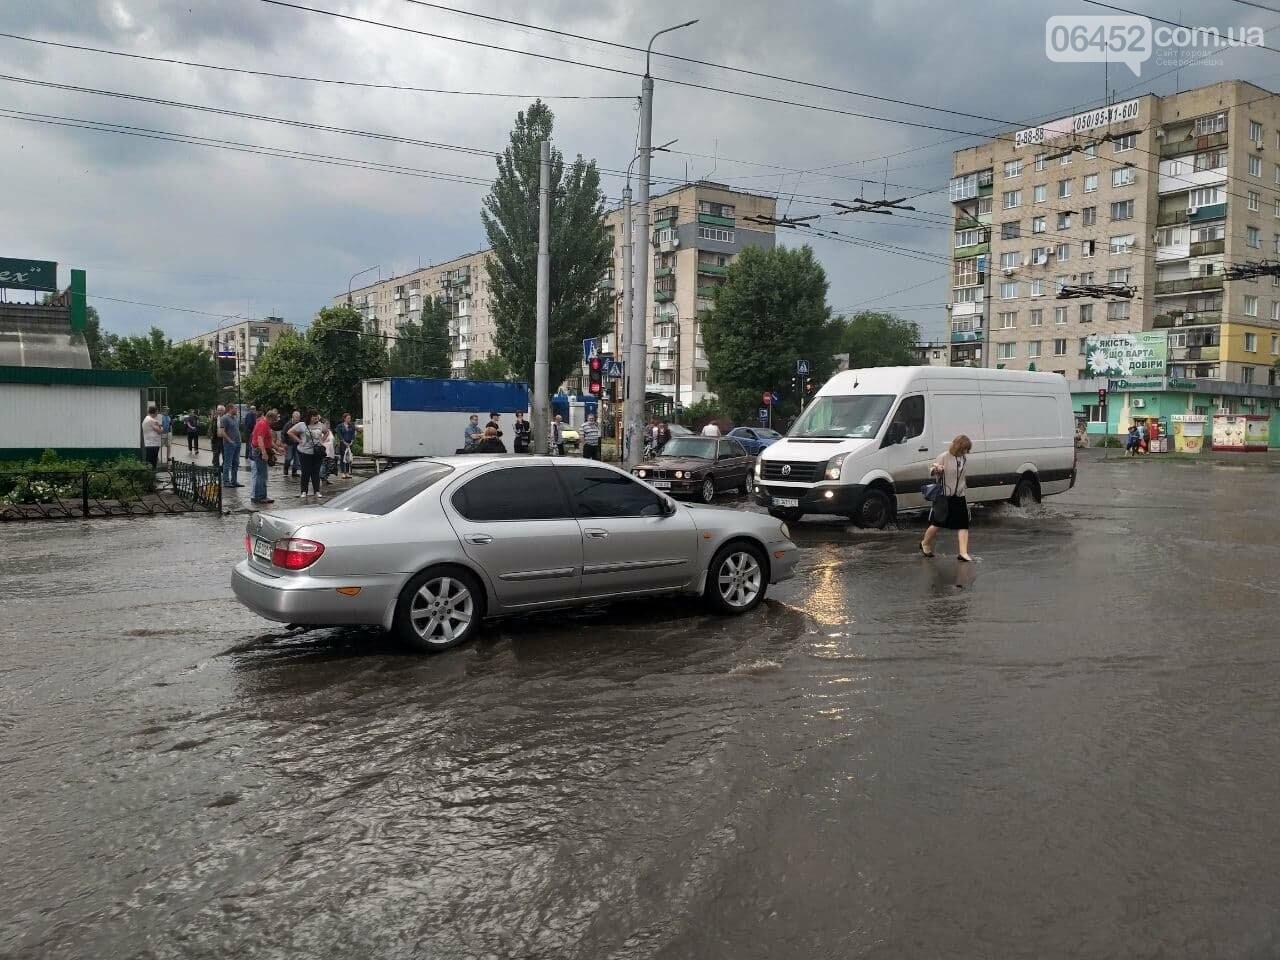 После дождика в четверг: мощный ливень обрушился на Северодонецк и оставил массу проблем, фото-7